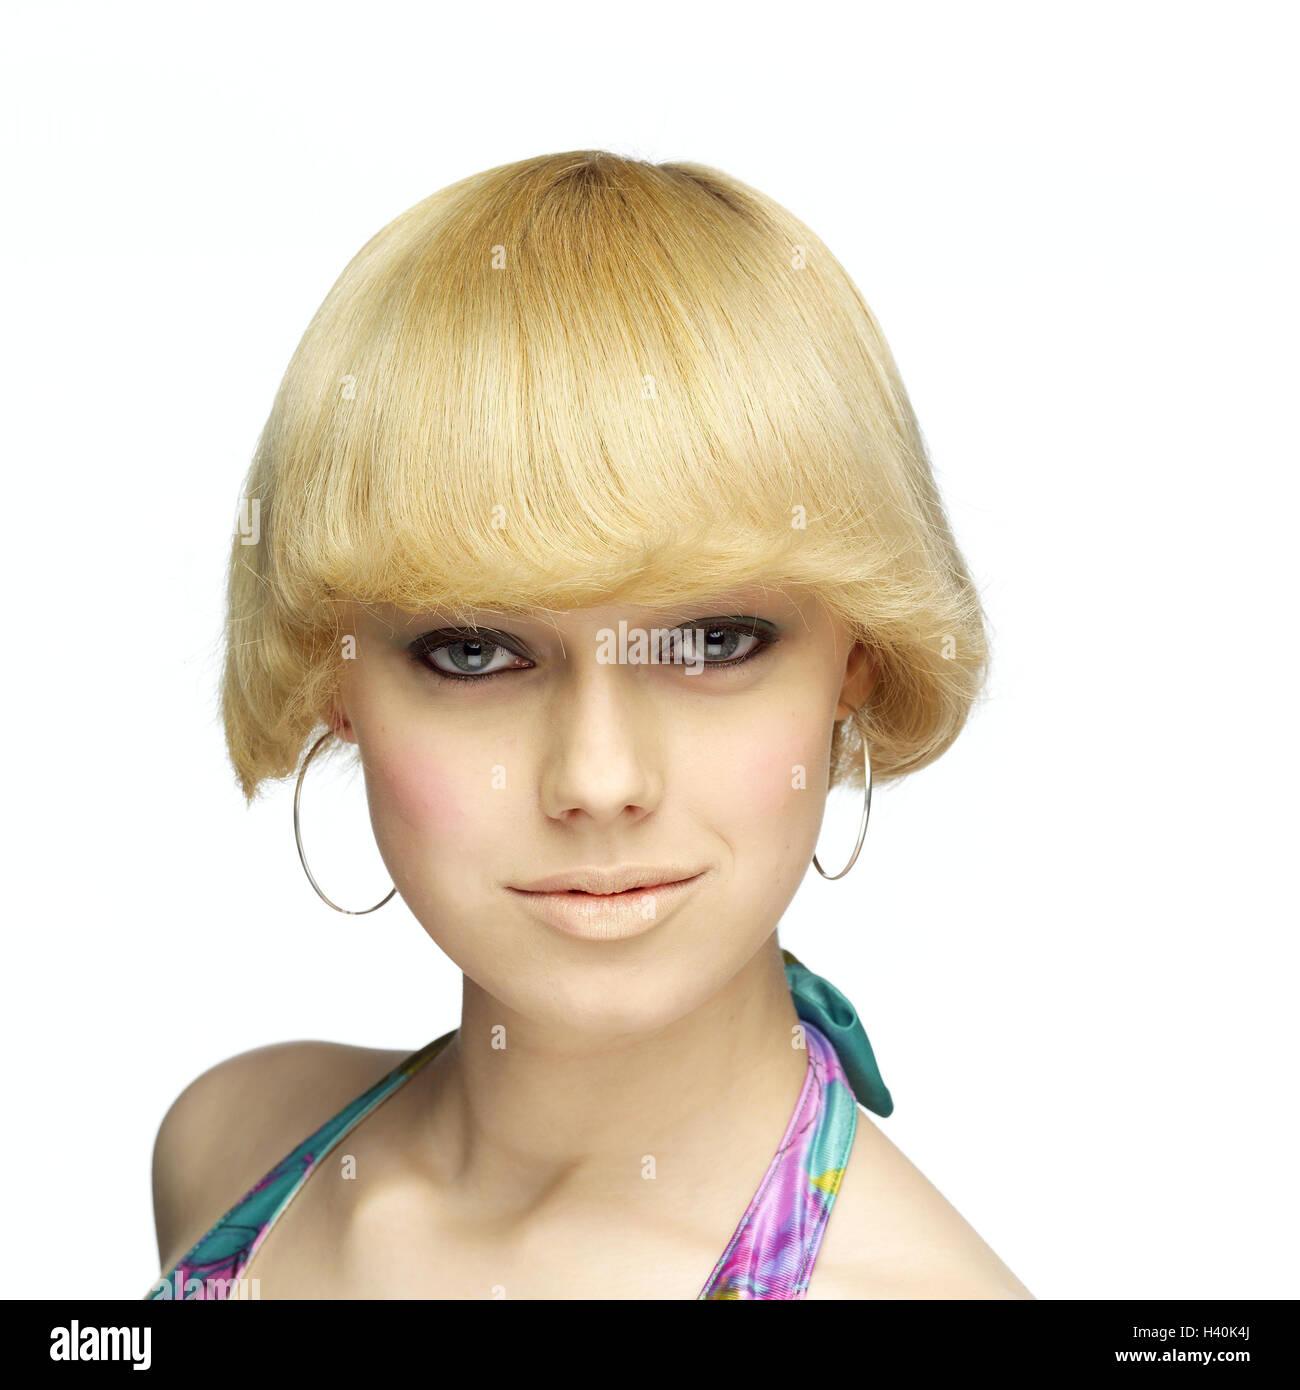 Frau, jung, Blond, ernst, selbstbewusst, Porträt, Frauen Porträt